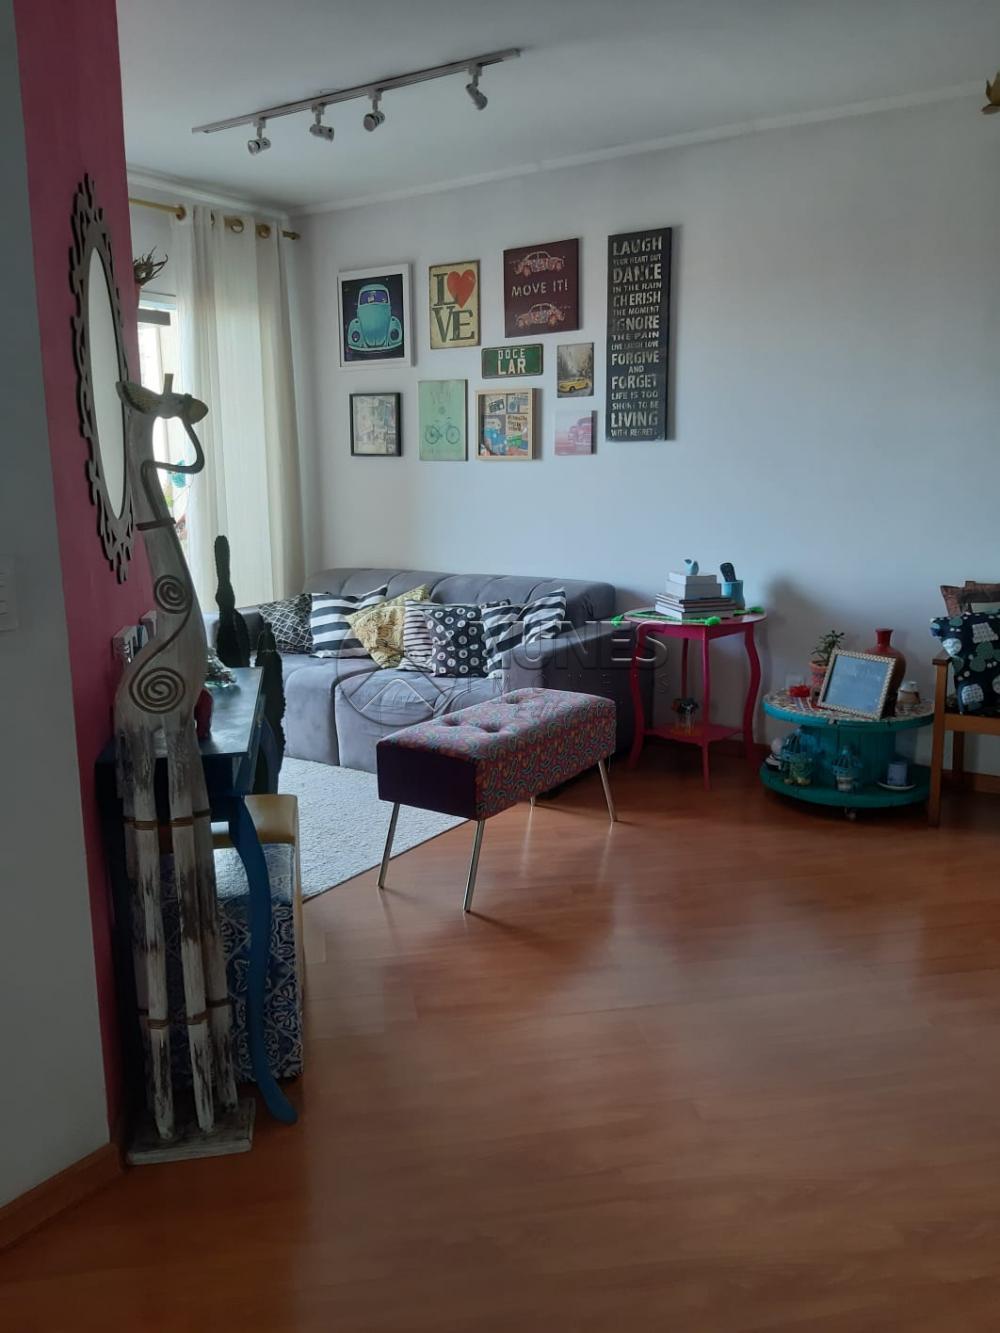 Comprar Apartamento / Padrão em Osasco apenas R$ 190.000,00 - Foto 3